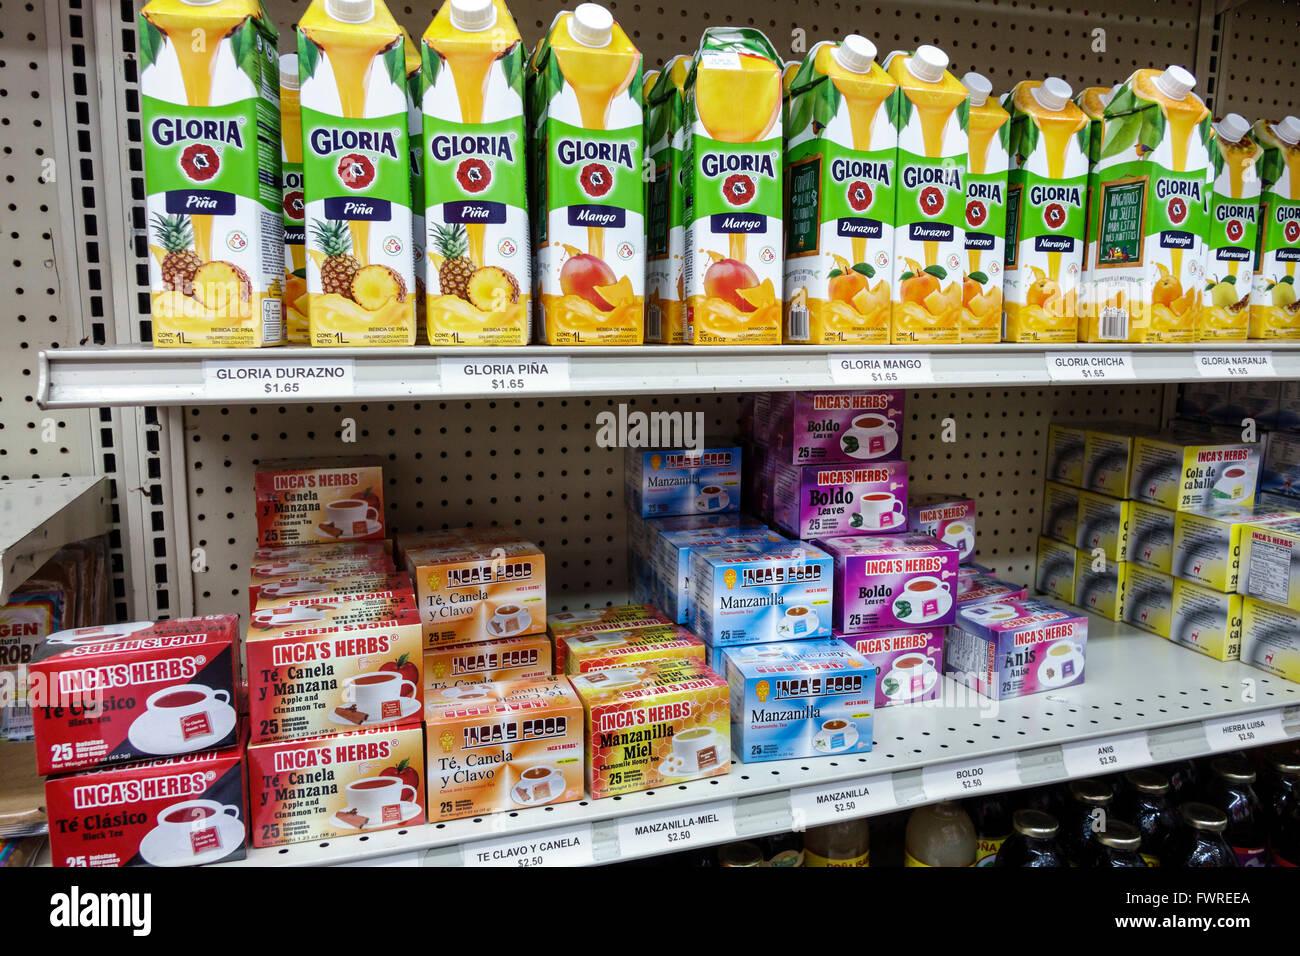 Miami FL Florida tienda hispana Gloria cartones de jugo de té de hierbas  alimentos del Inca 85196049470a